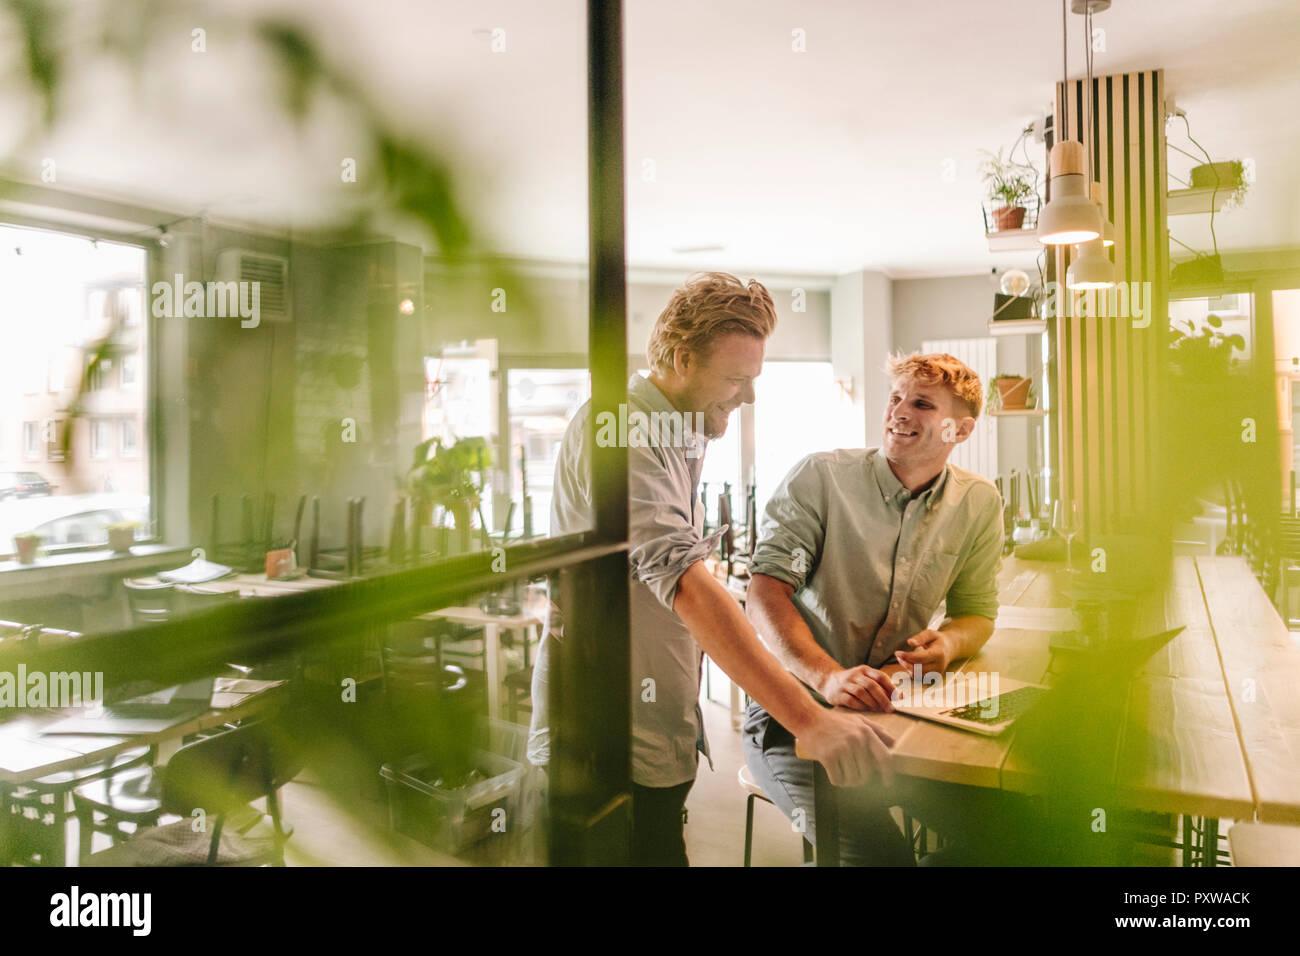 Socios de negocio tener una reunión en su nueva puesta en marcha de la empresa Imagen De Stock